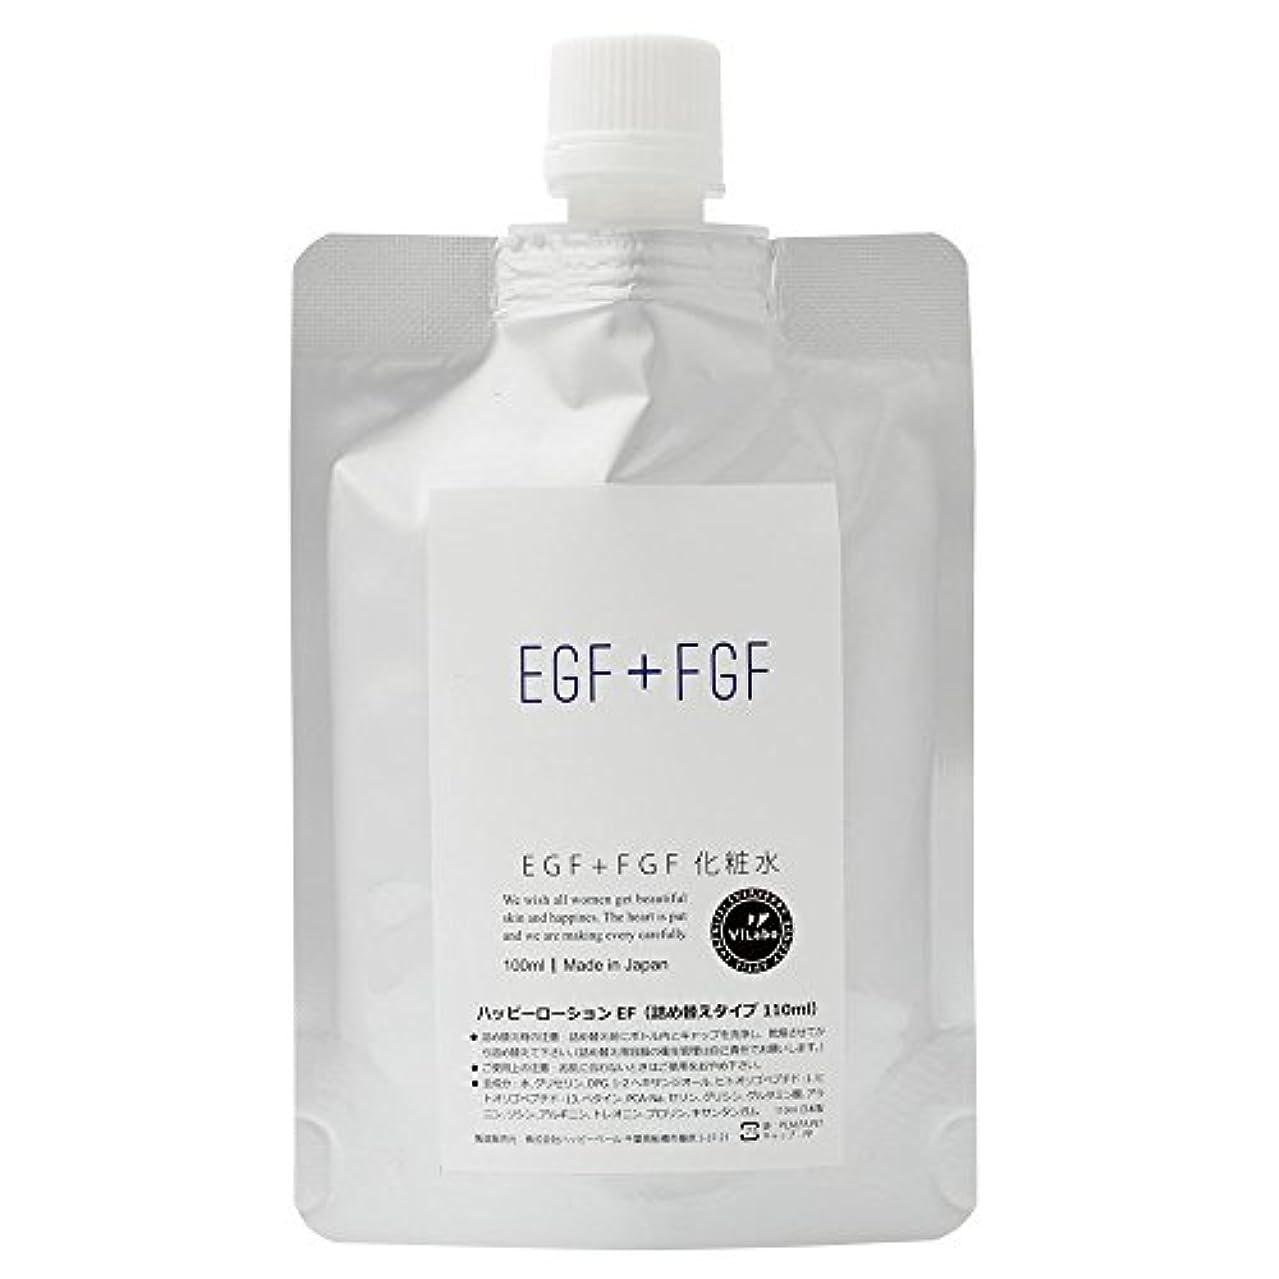 アーティファクト戦士キルトEGF+FGF化粧水-天然温泉水+高級美容成分の浸透型化粧水-品名:ハッピーローションEF ノンパラベン、アルコール、フェノキシエタノール、石油系合成界面活性剤無添加 (詰め替えパウチ110ml)